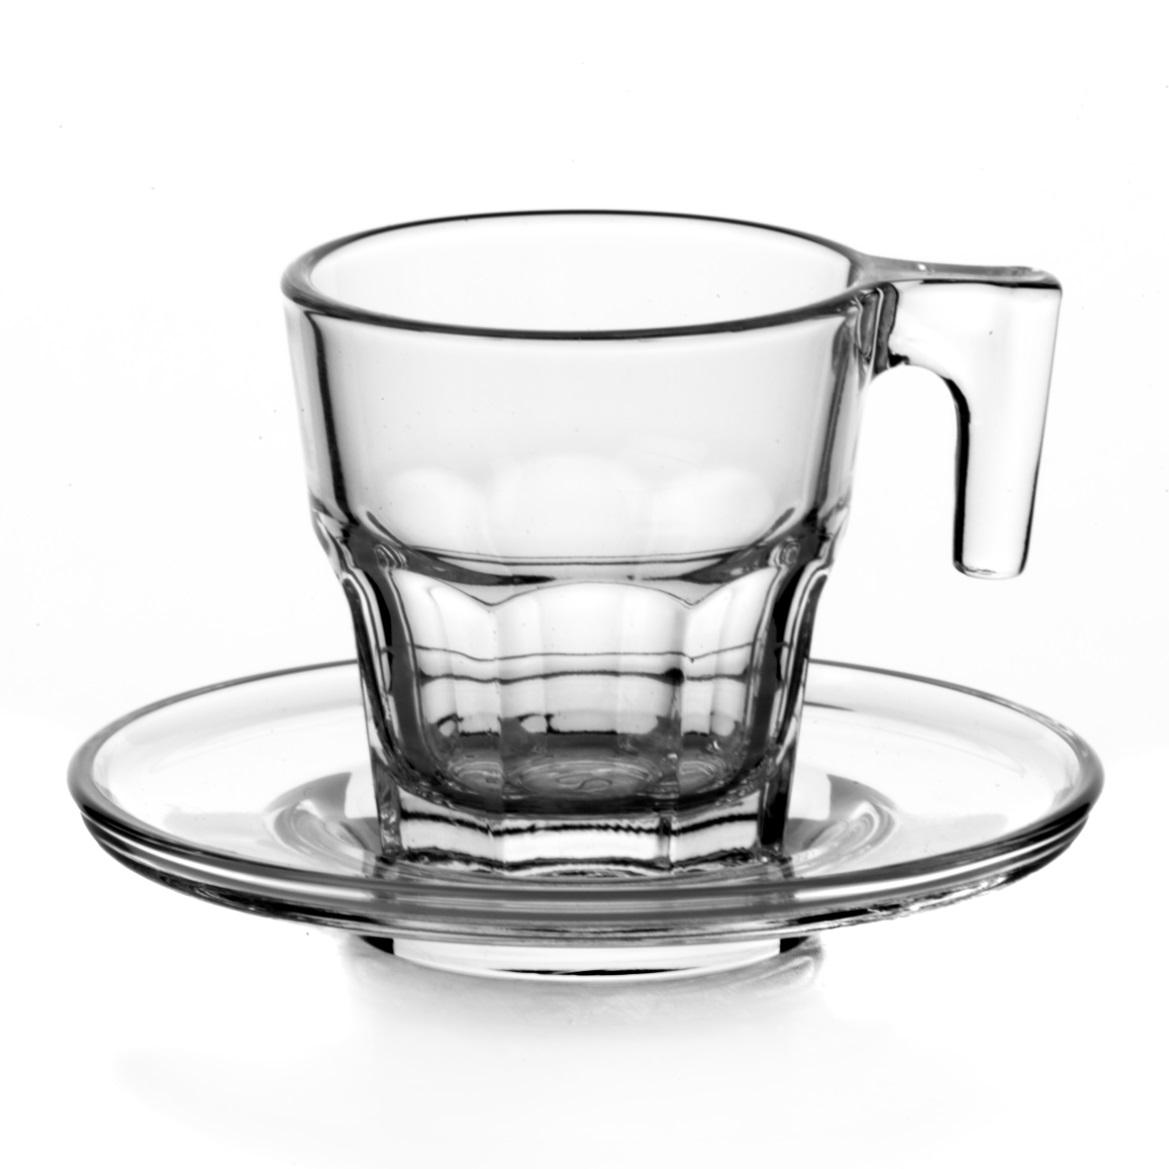 Набор кофейный Pasabahce Casablanka, цвет: прозрачный, 12 предметовVT-1520(SR)Кофейный набор Pasabahce Casablanka состоит из 6 кружек и 6 блюдец, выполненных из натрий-кальций-силикатного стекла. Изделия сочетают в себе изысканный дизайн и функциональность. Благодаря такому набору пить кофе будет еще вкуснее.Кофейный набор Pasabahce Casablanka прекрасно оформит праздничный стол и создаст приятную атмосферу за ужином. Такой набор также станет хорошим подарком к любому случаю. Можно мыть в посудомоечной машине.Количество кружек: 6 шт.Диаметр кружки (по верхнему краю): 5,5 см.Высота кружки: 6 см.Объем кружки: 70 мл.Количество блюдец: 6 шт.Диаметр блюдца: 8 см.